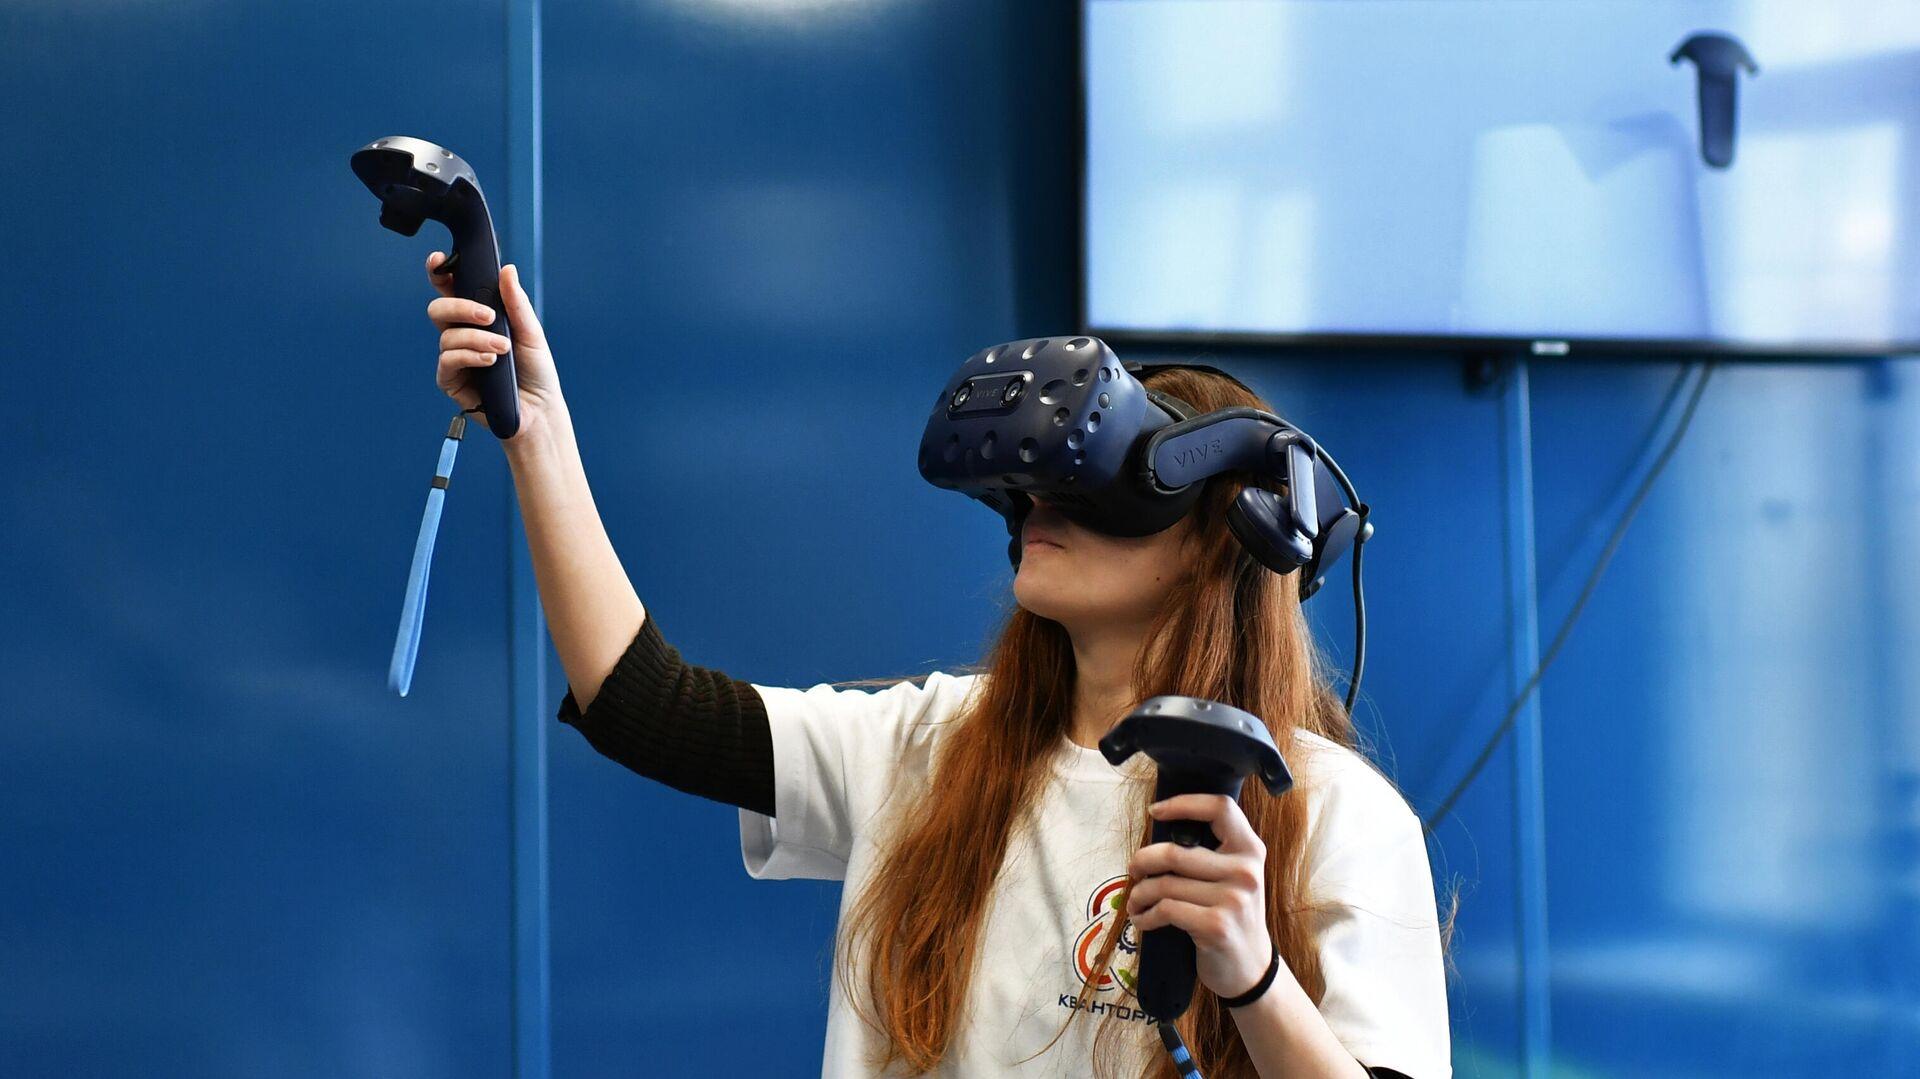 Школьница в очках виртуальной реальности - РИА Новости, 1920, 17.09.2020